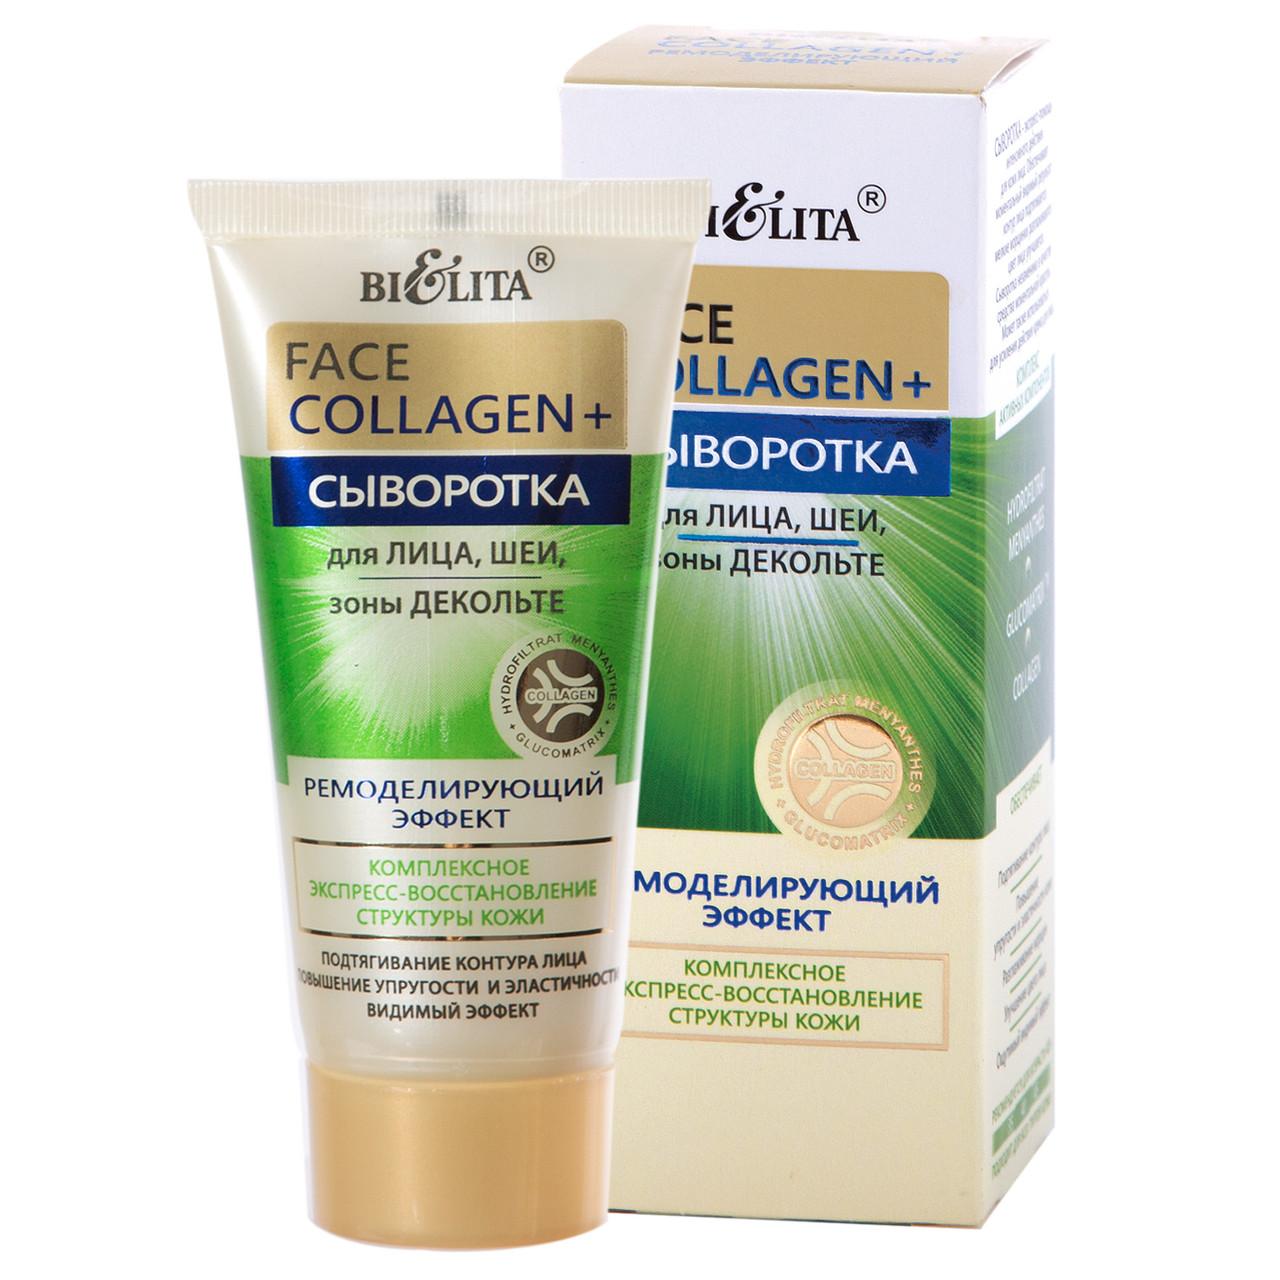 Сыворотка для лица, шеи, зоны декольте FACE Collagen+  30 мл.